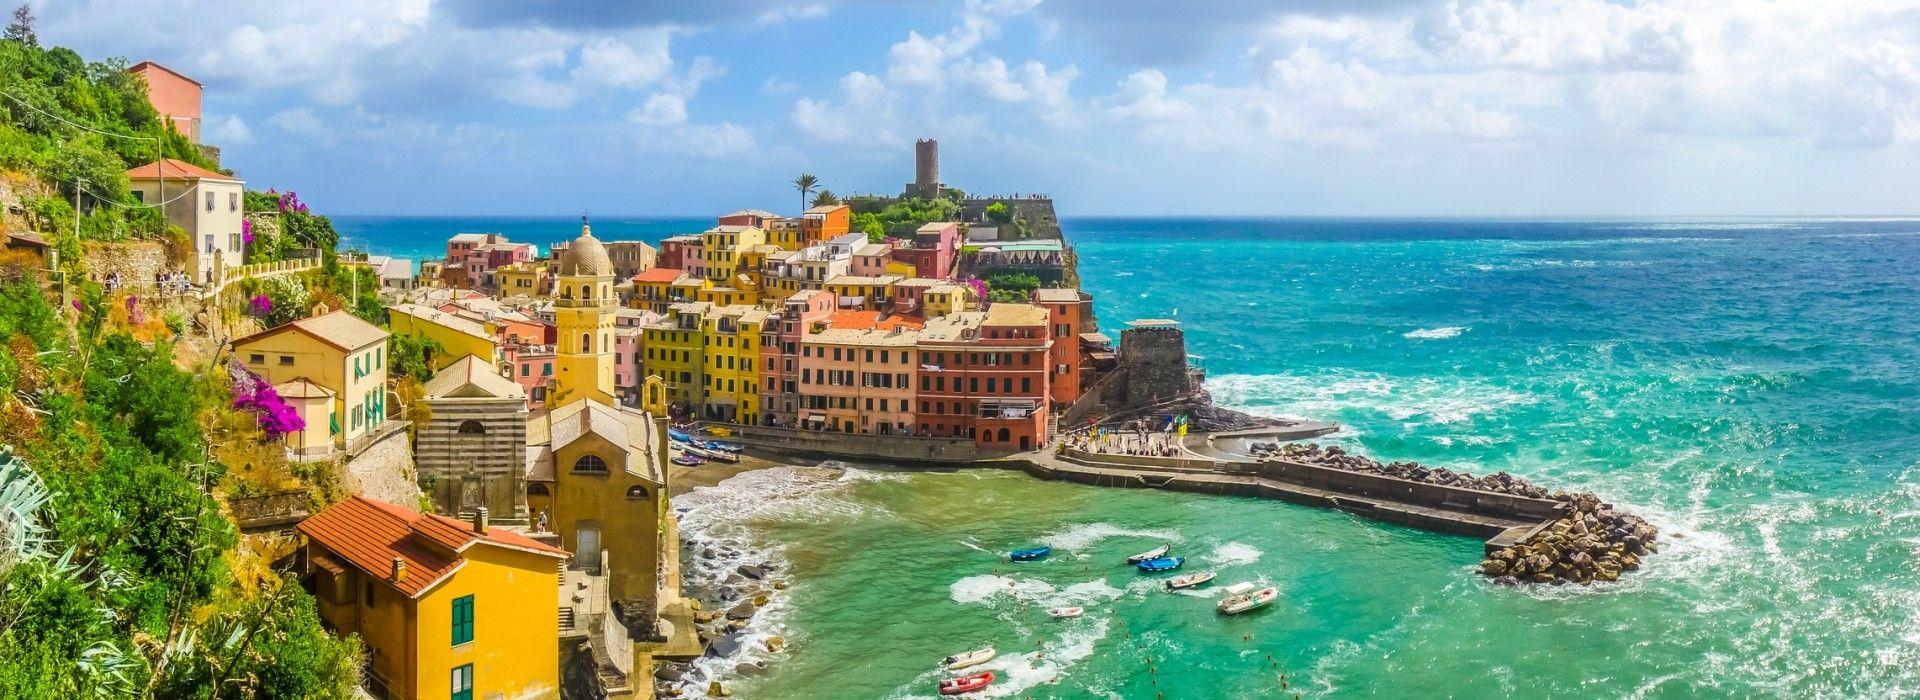 Family Tours in Amalfi Coast & Campania